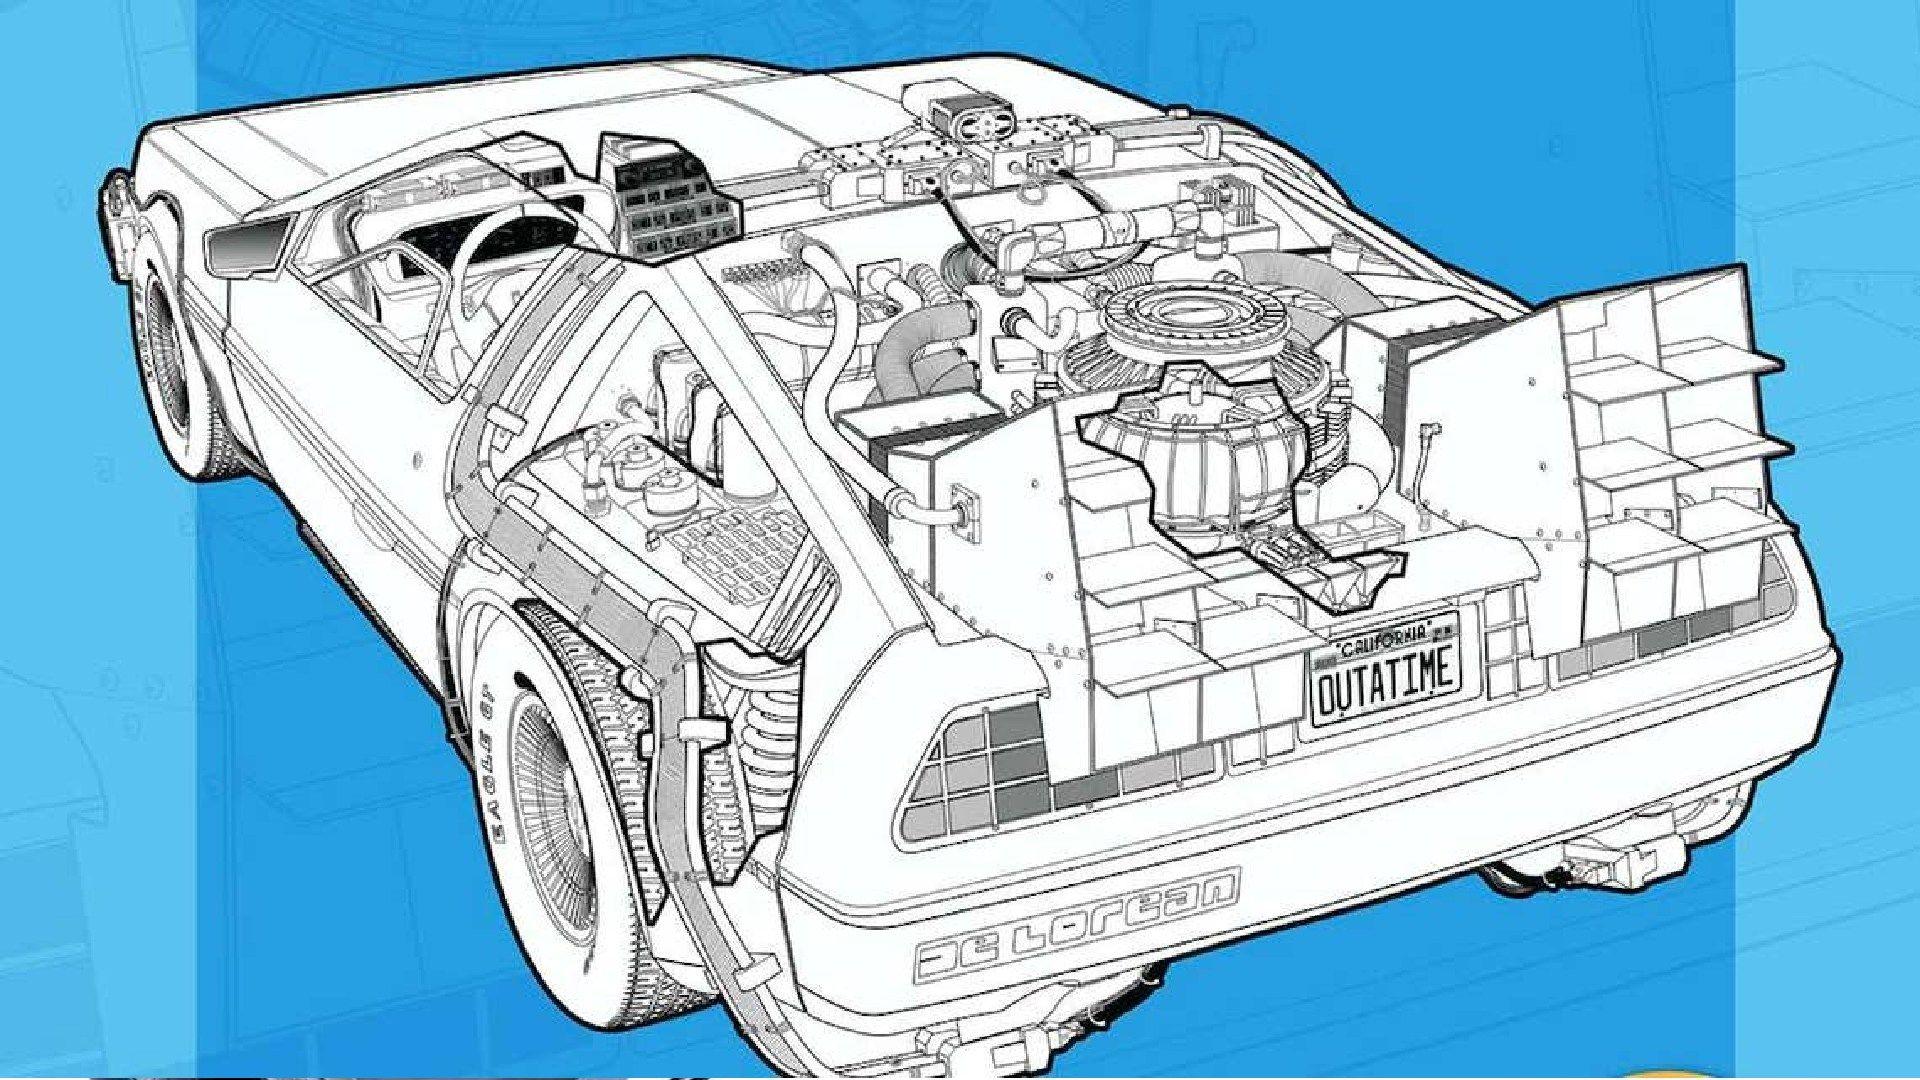 Se viene el manual de usuario del DeLorean de Volver al Futuro